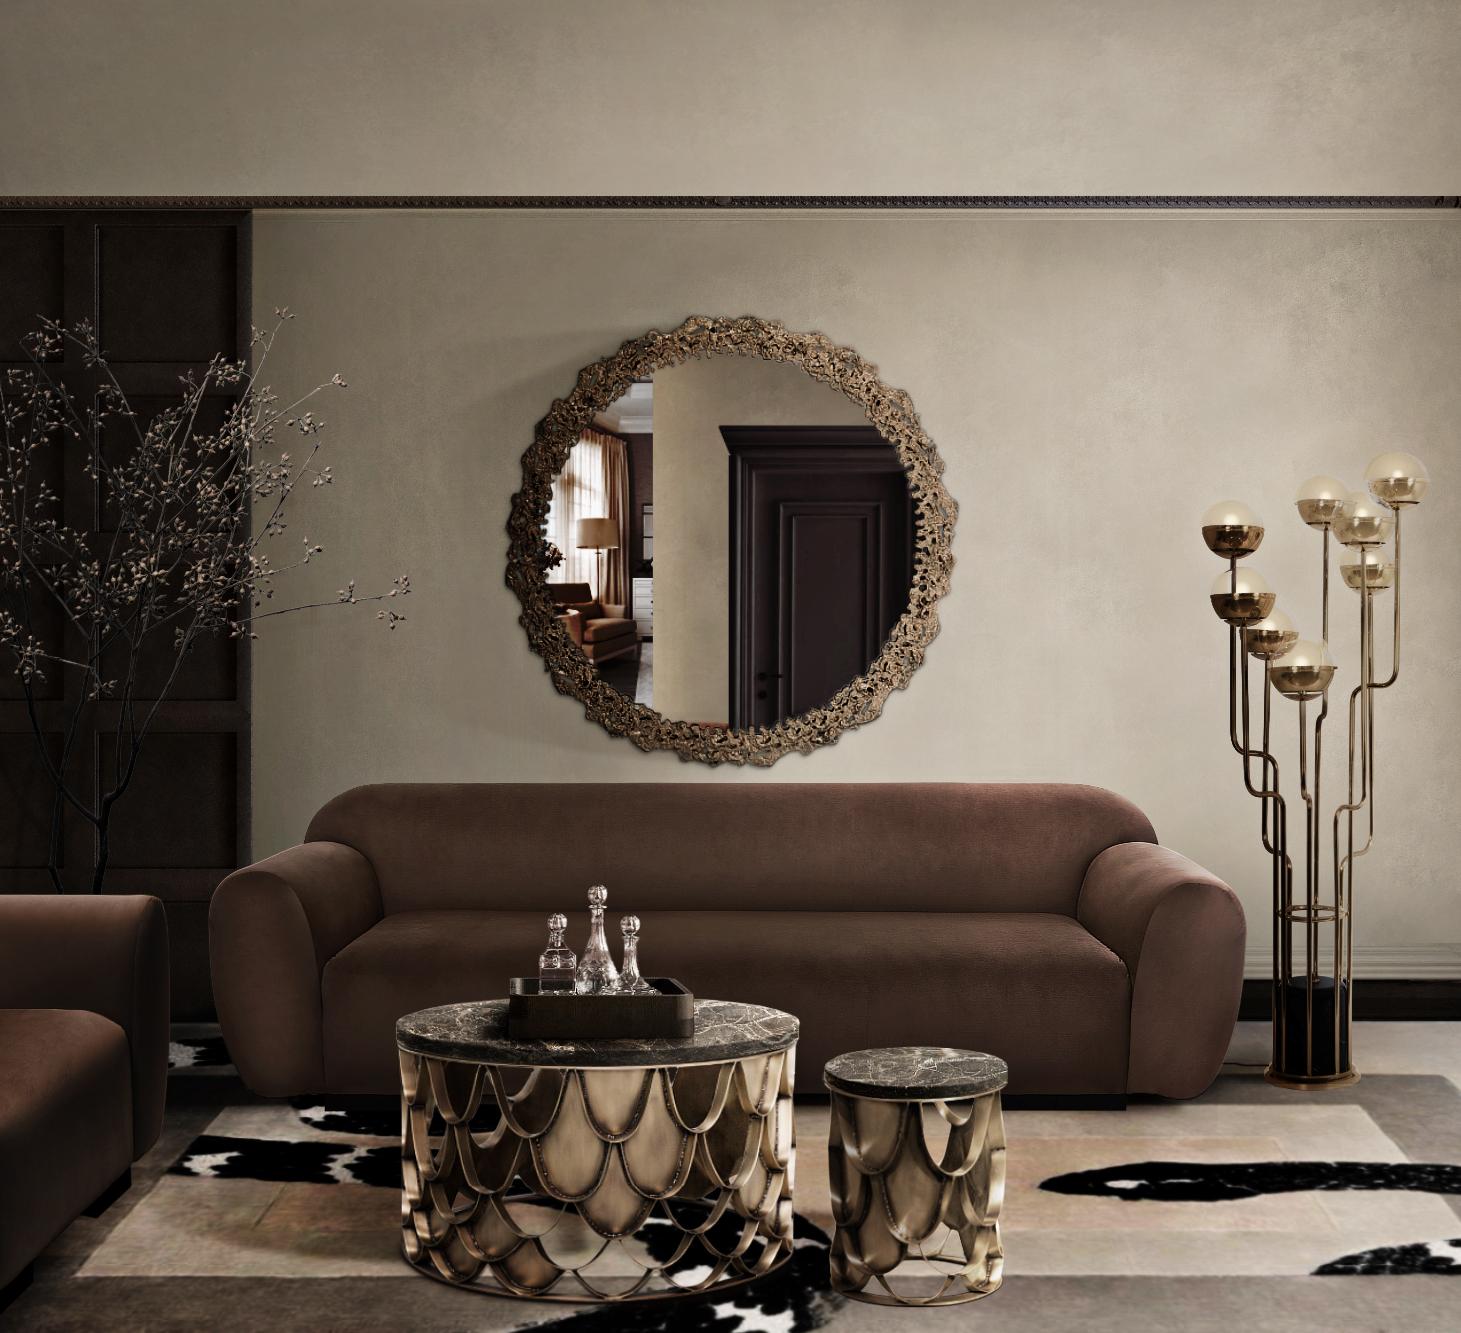 Cay Living Room - Amazing Living Room Decor Ideas home inspiration ideas